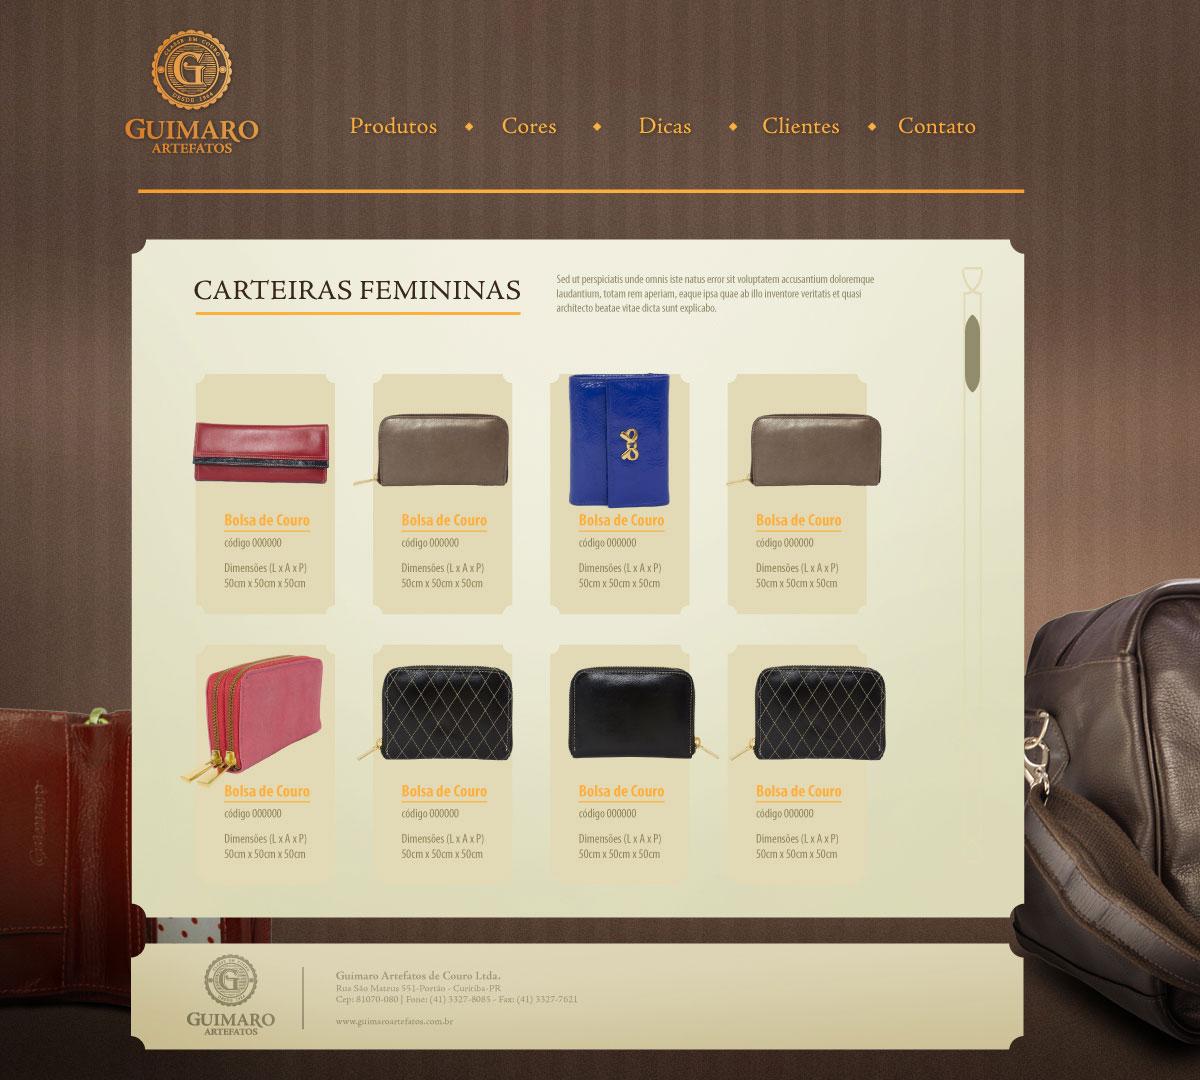 criacao-sites-curitiba-dabs-design-03